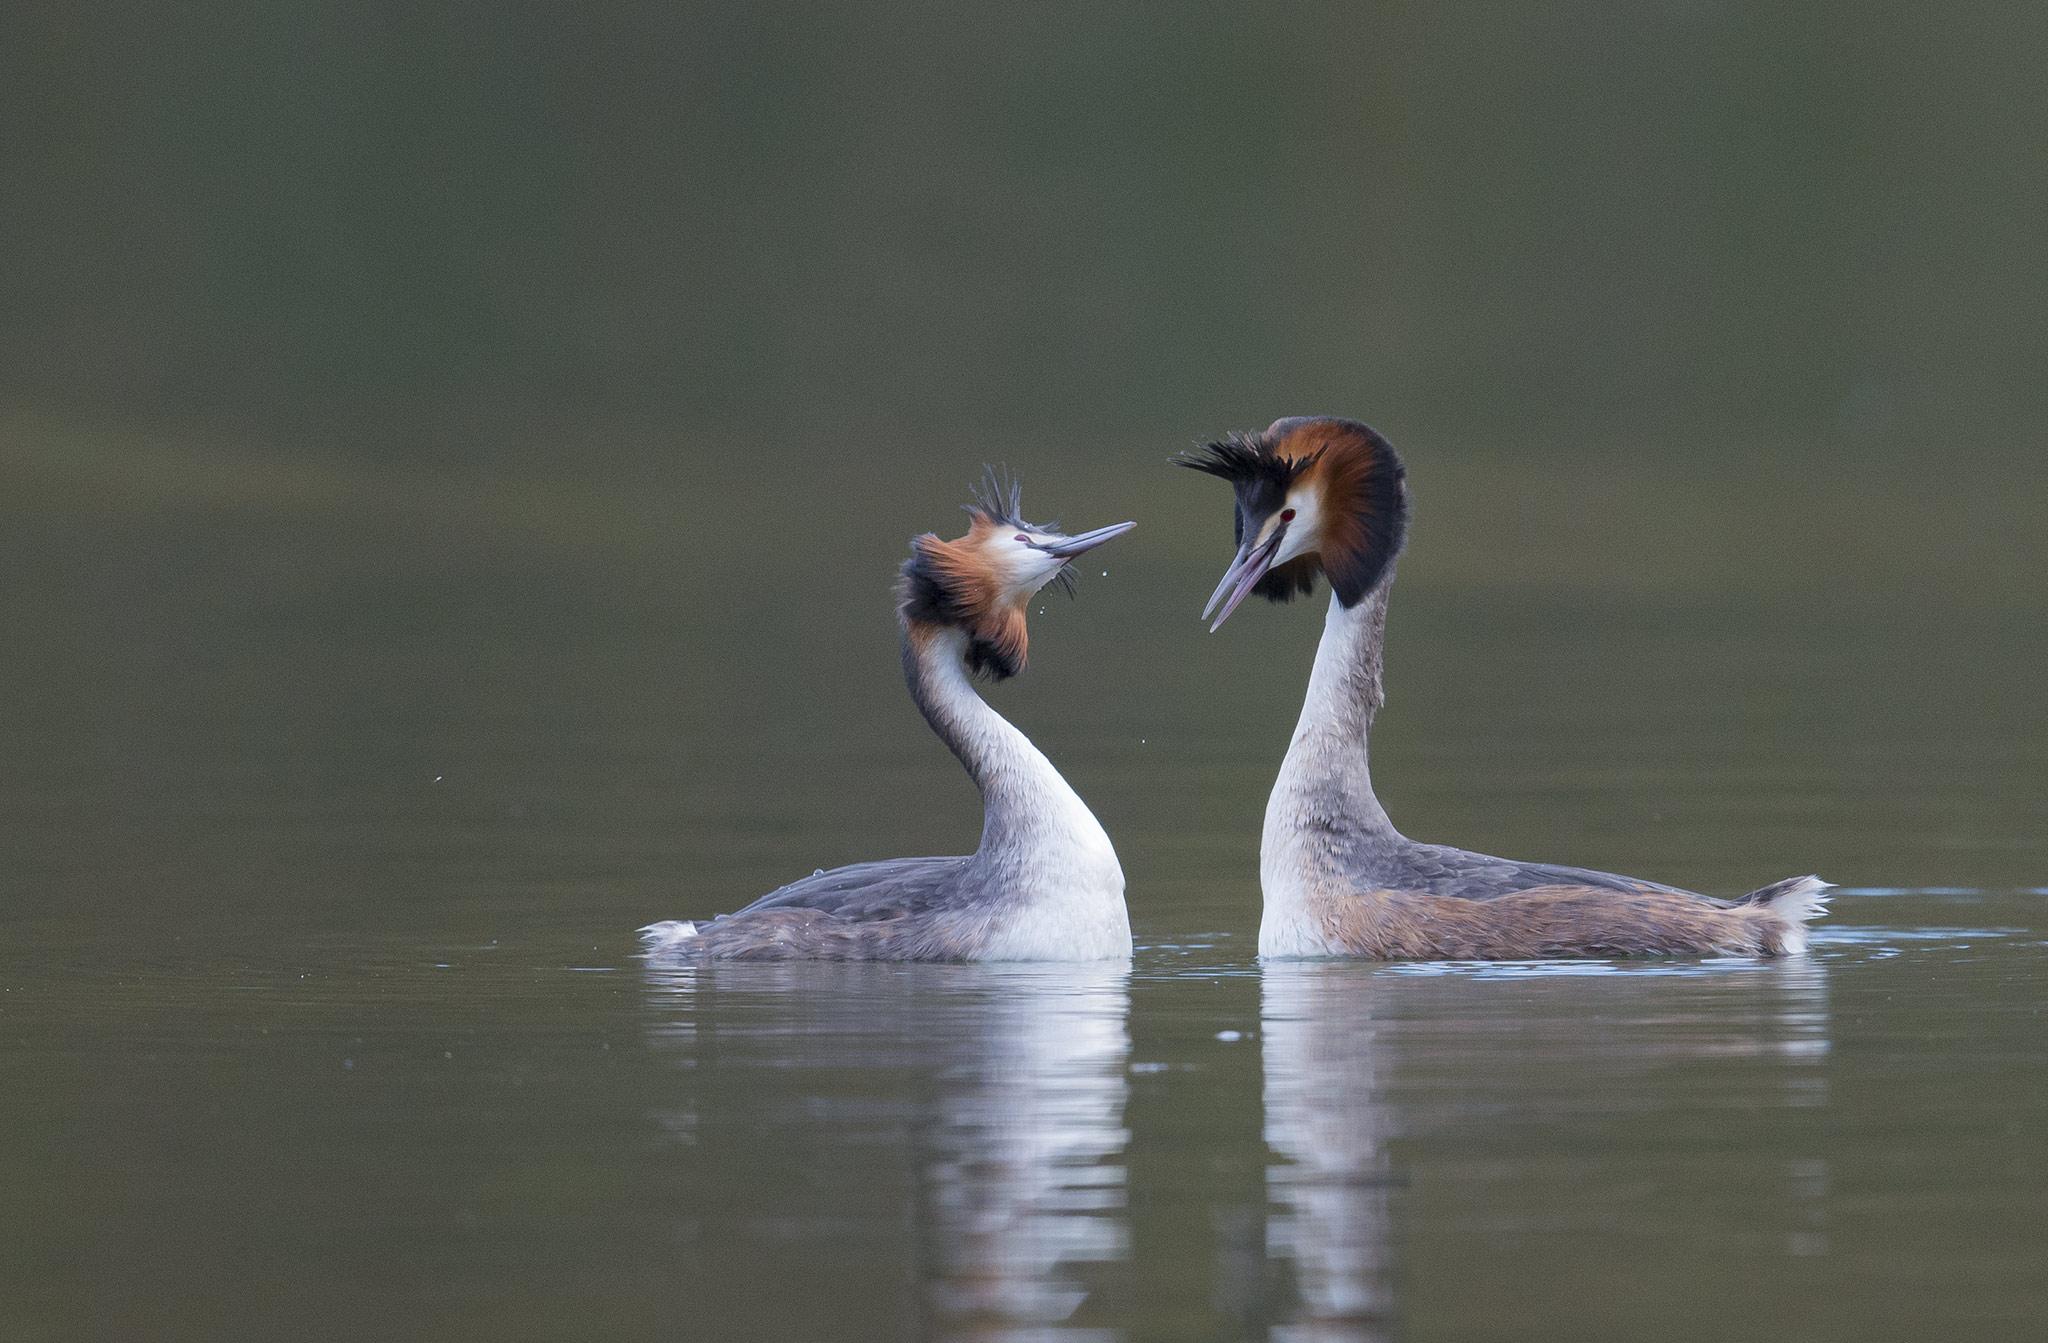 Les couples commencent à se former au cœur de l'hiver. La nidification peut commencer dès le mois de janvier si les conditions météorologiques ne sont pas trop rudes, mais elle a généralement lieu entre avril et juillet. Cette espèce est célèbre pour sa parade nuptiale élaborée.